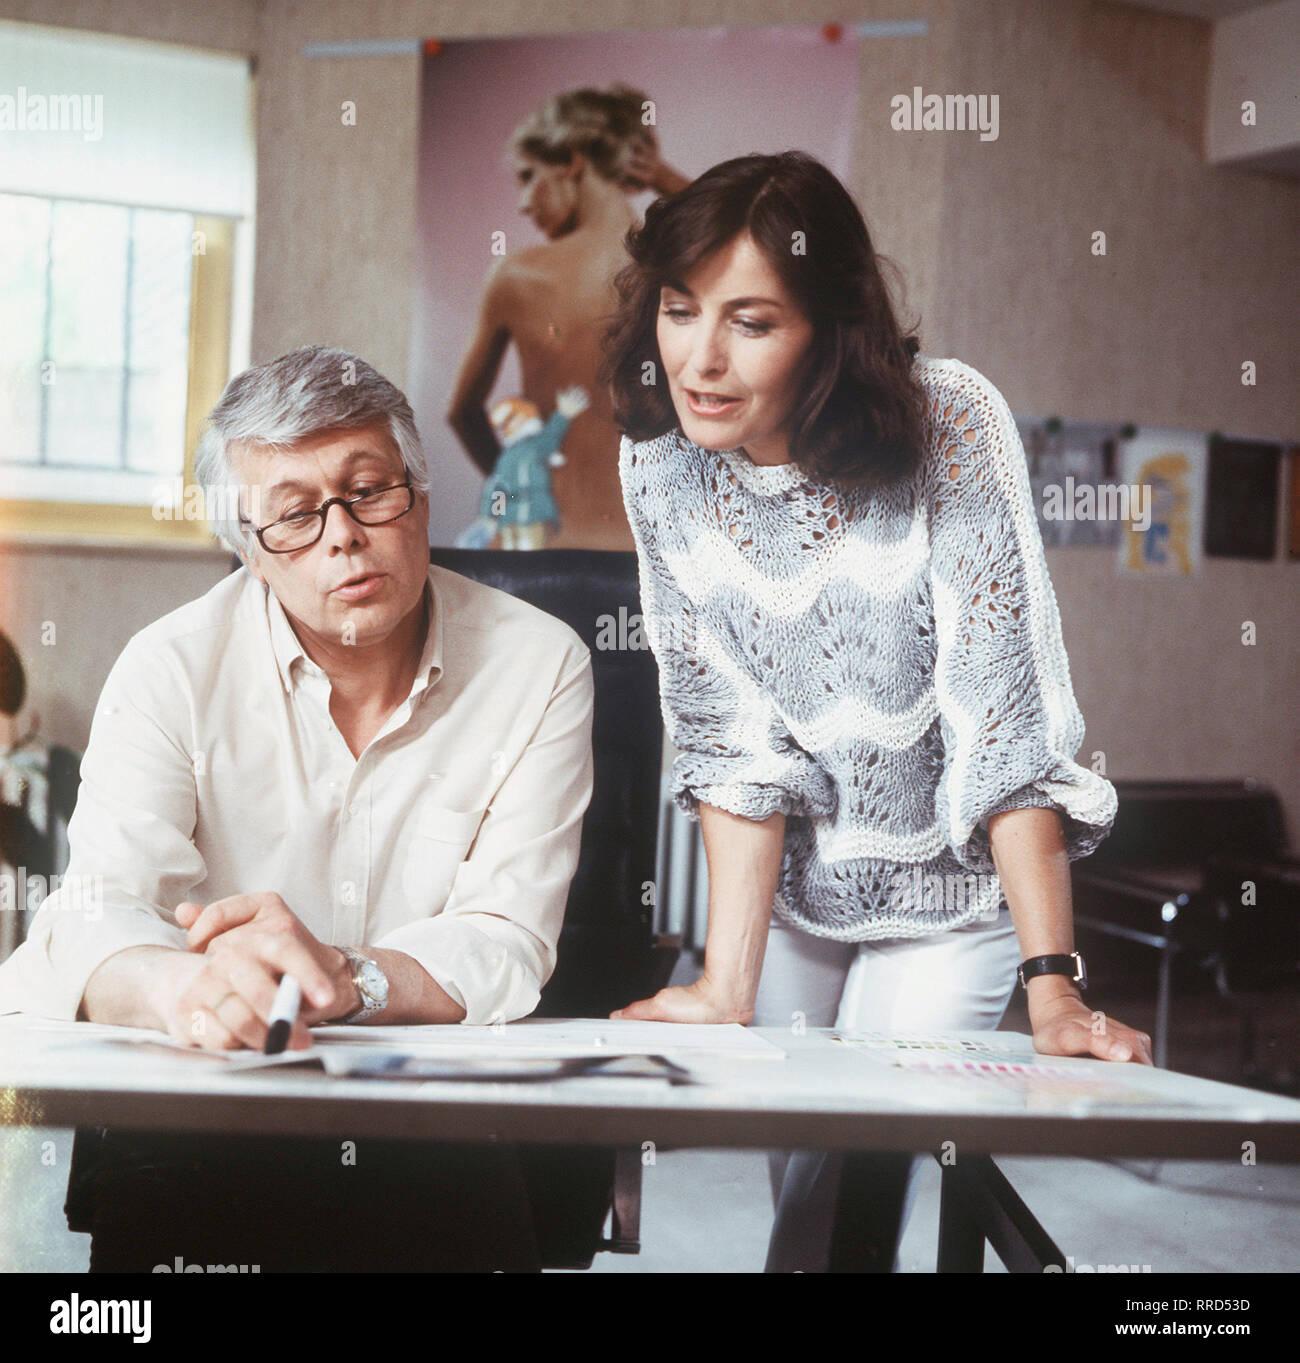 ICH HEIRATE EINE FAMILIE / Folge: 1+1=5 / D 1983 / Der alleinstehende Werbegrafiker Werner Schumann (PETER WECK) und die geschiedene Mutter von drei Kindern, Angelika Graf (THEKLA CAROLA WIED), tun sich zusammen ... / EM / / Überschrift: ICH HEIRATE EINE FAMILIE / BRD 1983 Immagini Stock